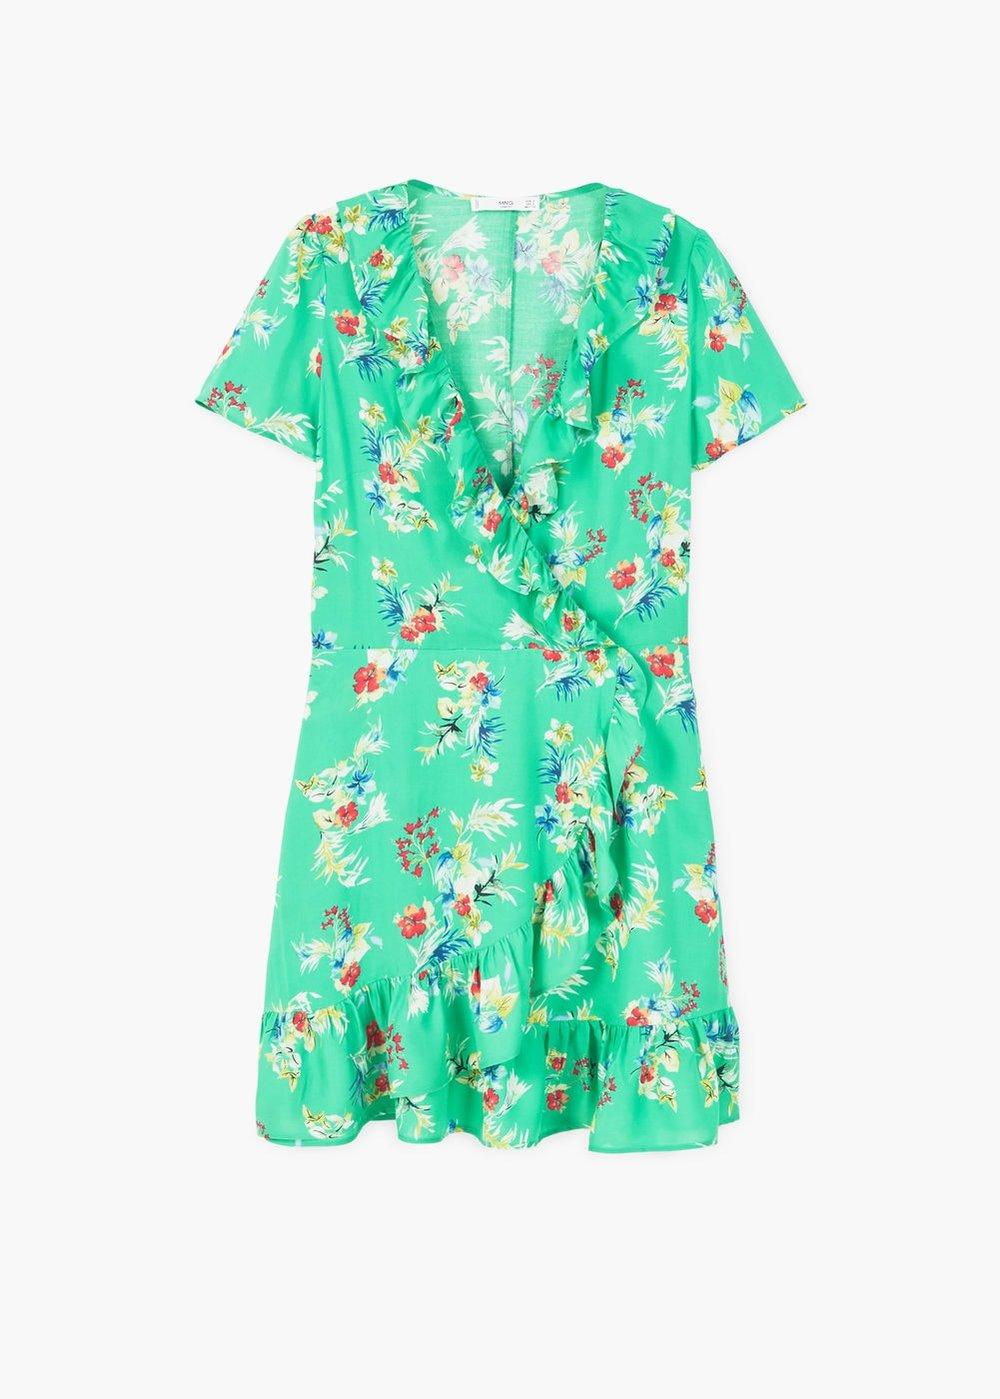 Ruffled Floral Dress £35.99 at Mango